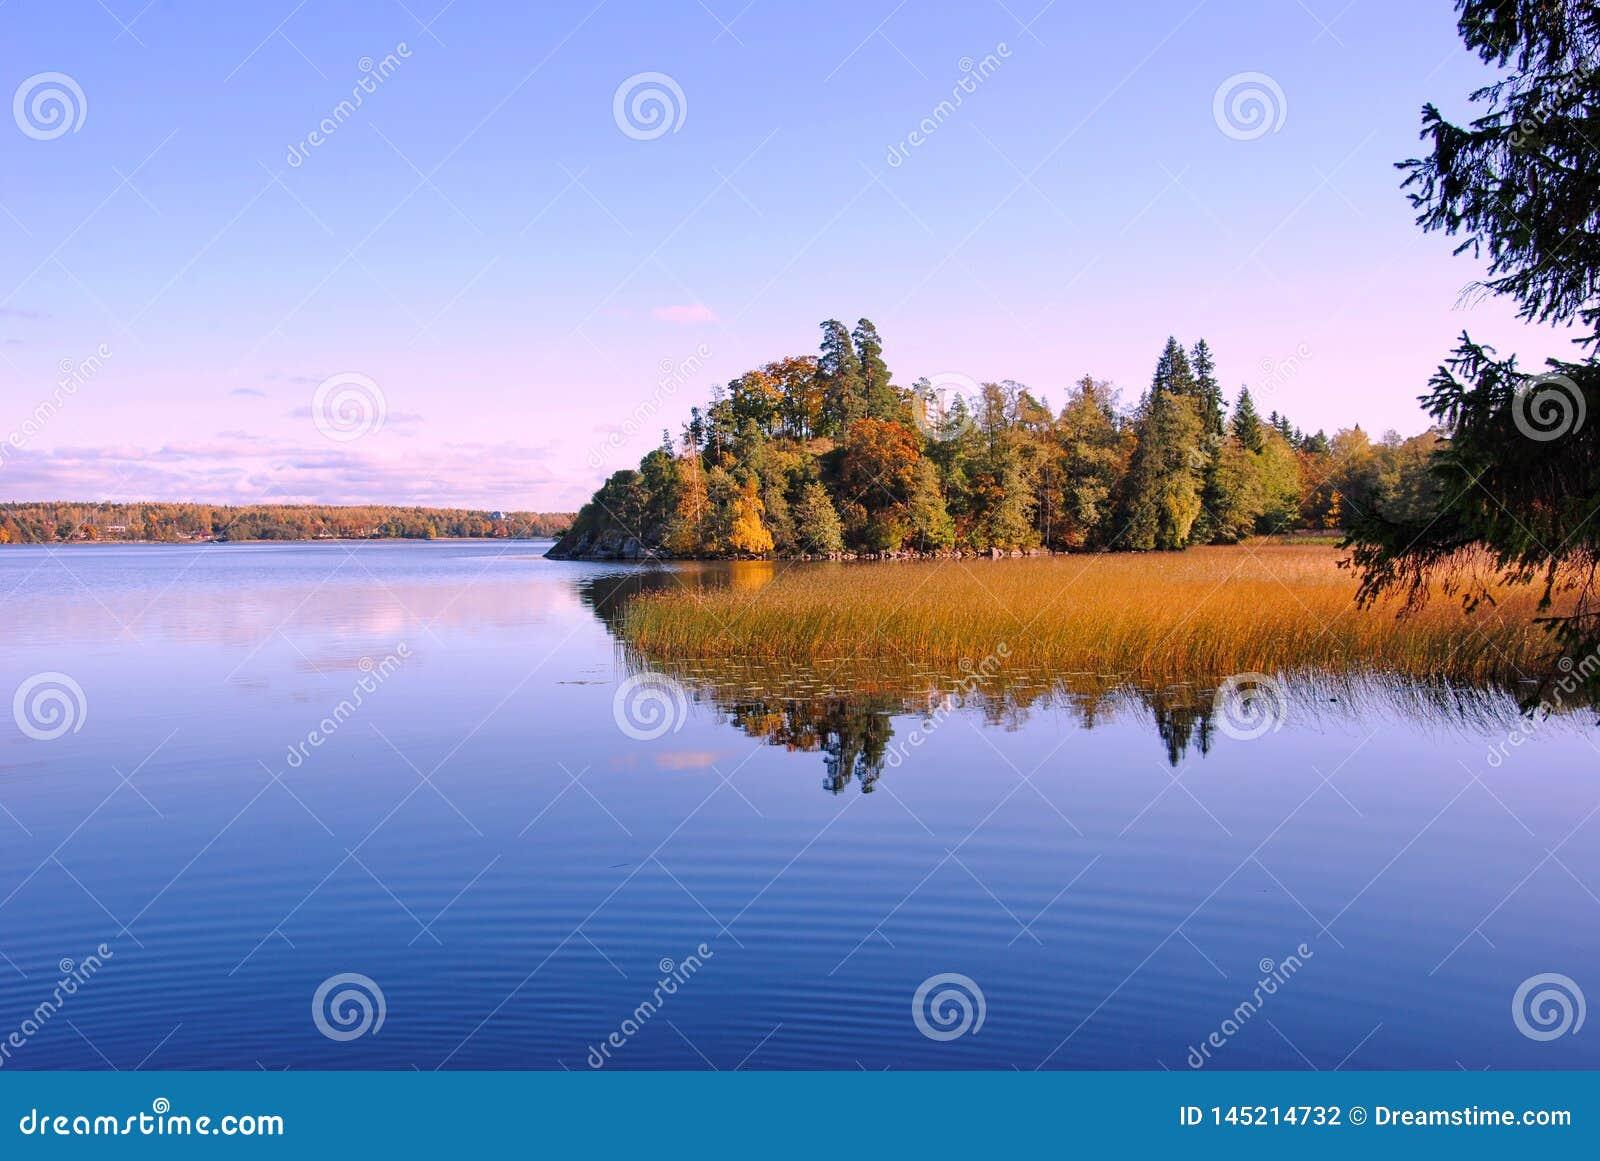 Ομορφιά φθινοπώρου της περιοχής του Λένινγκραντ